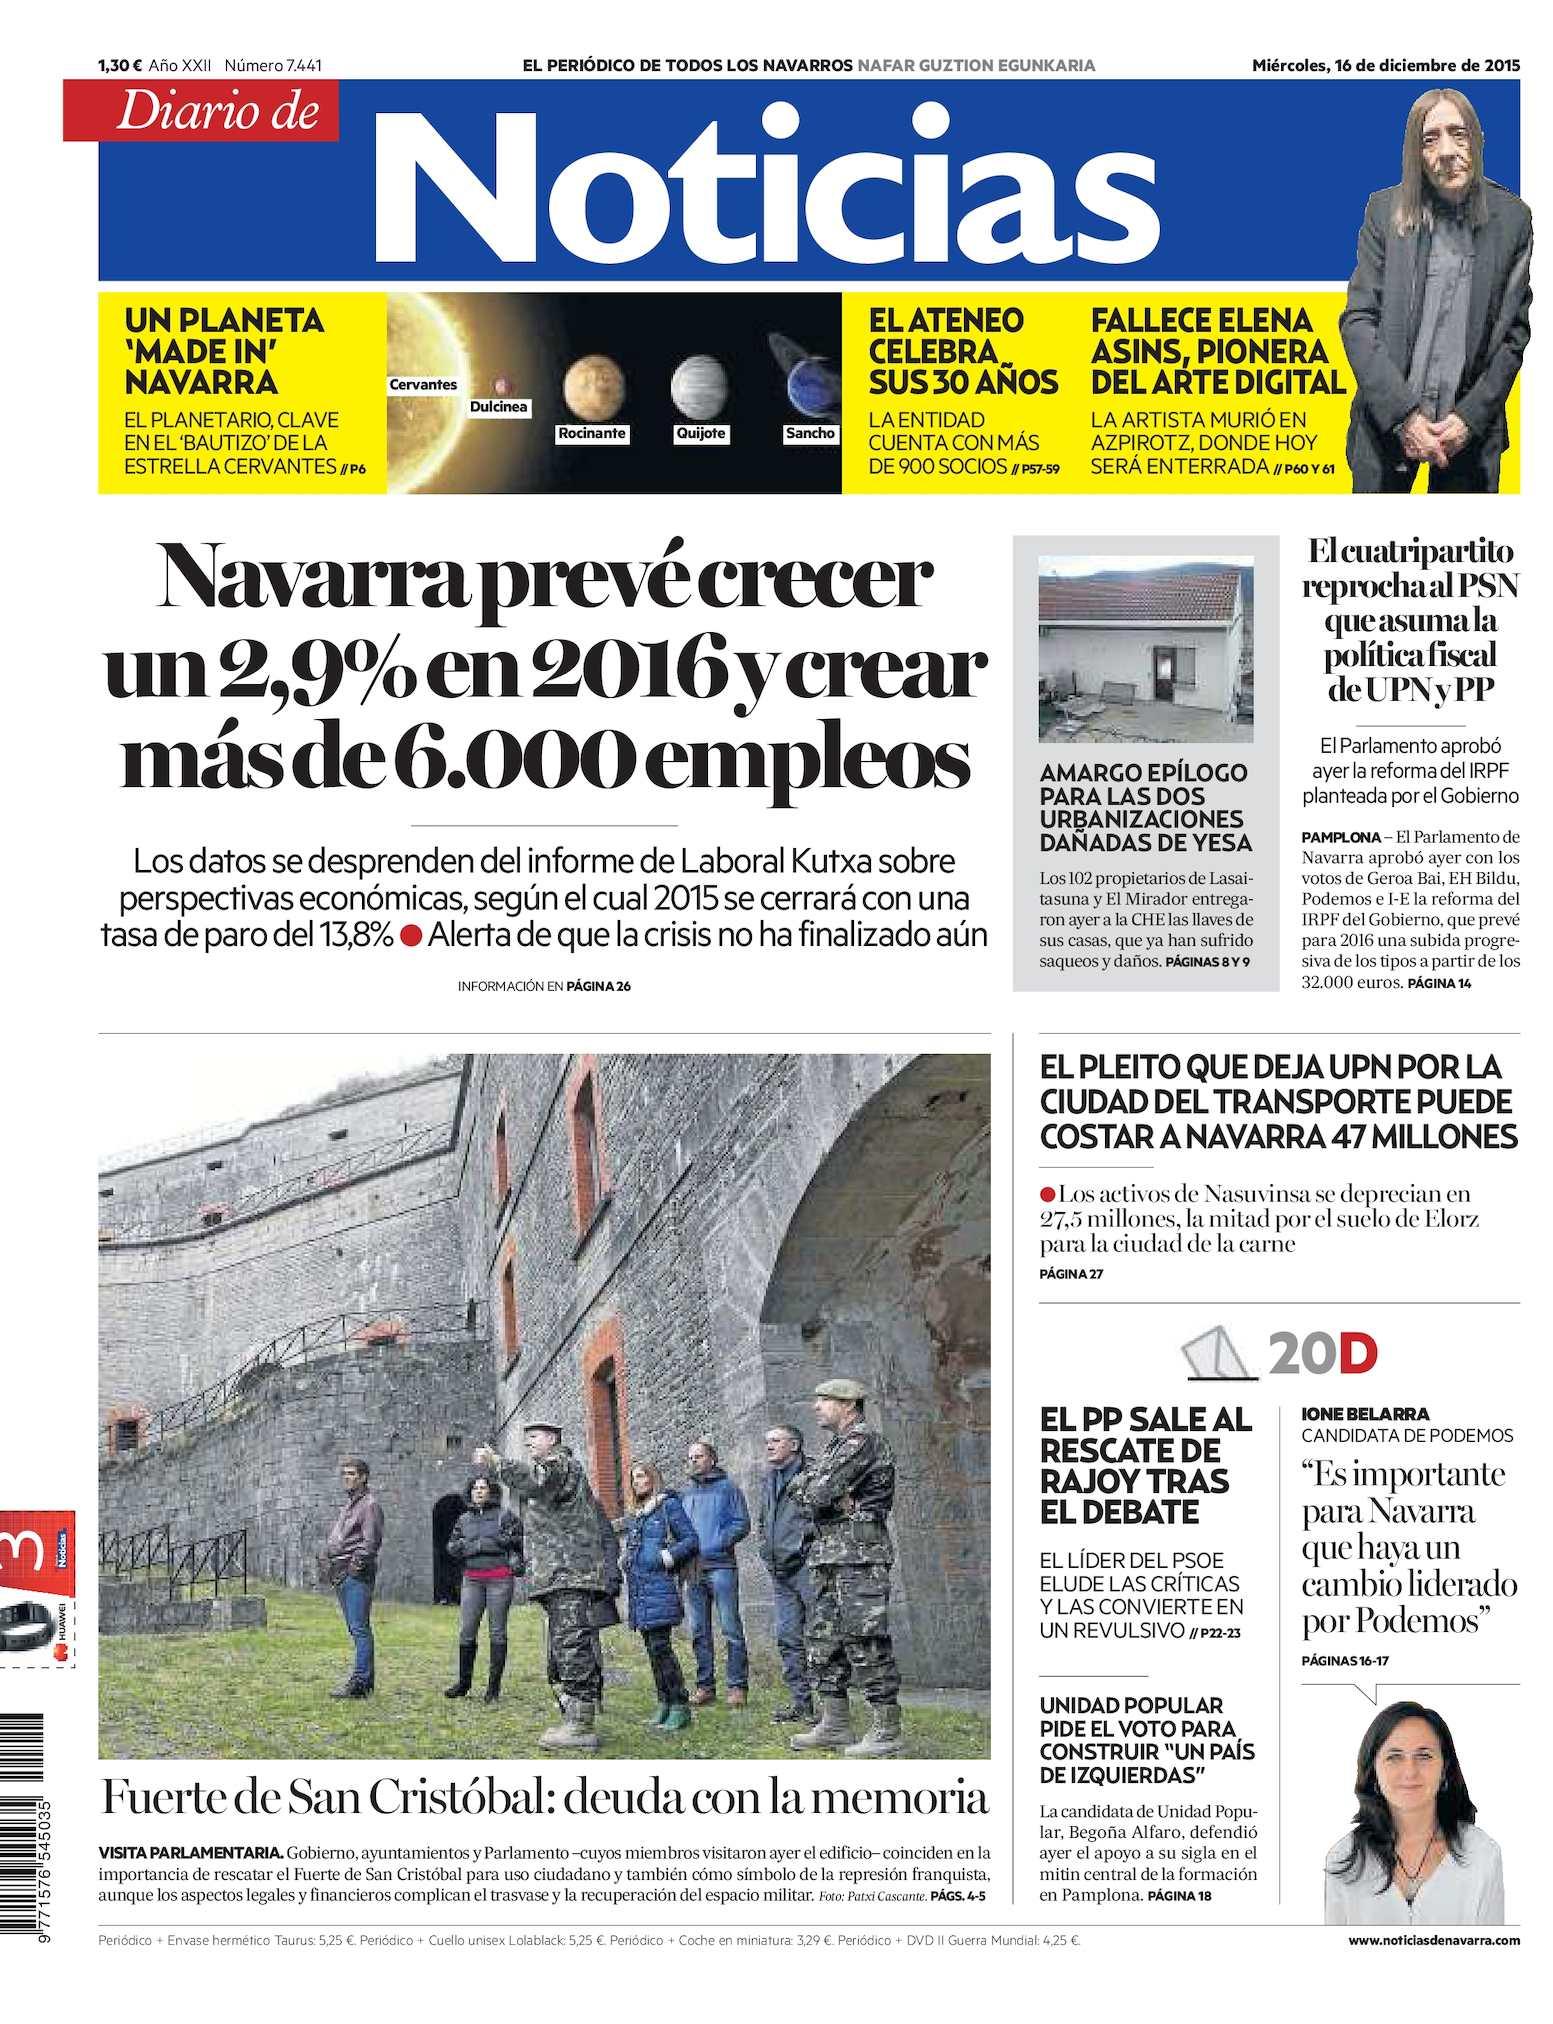 Calaméo - Diario de Noticias 20151216